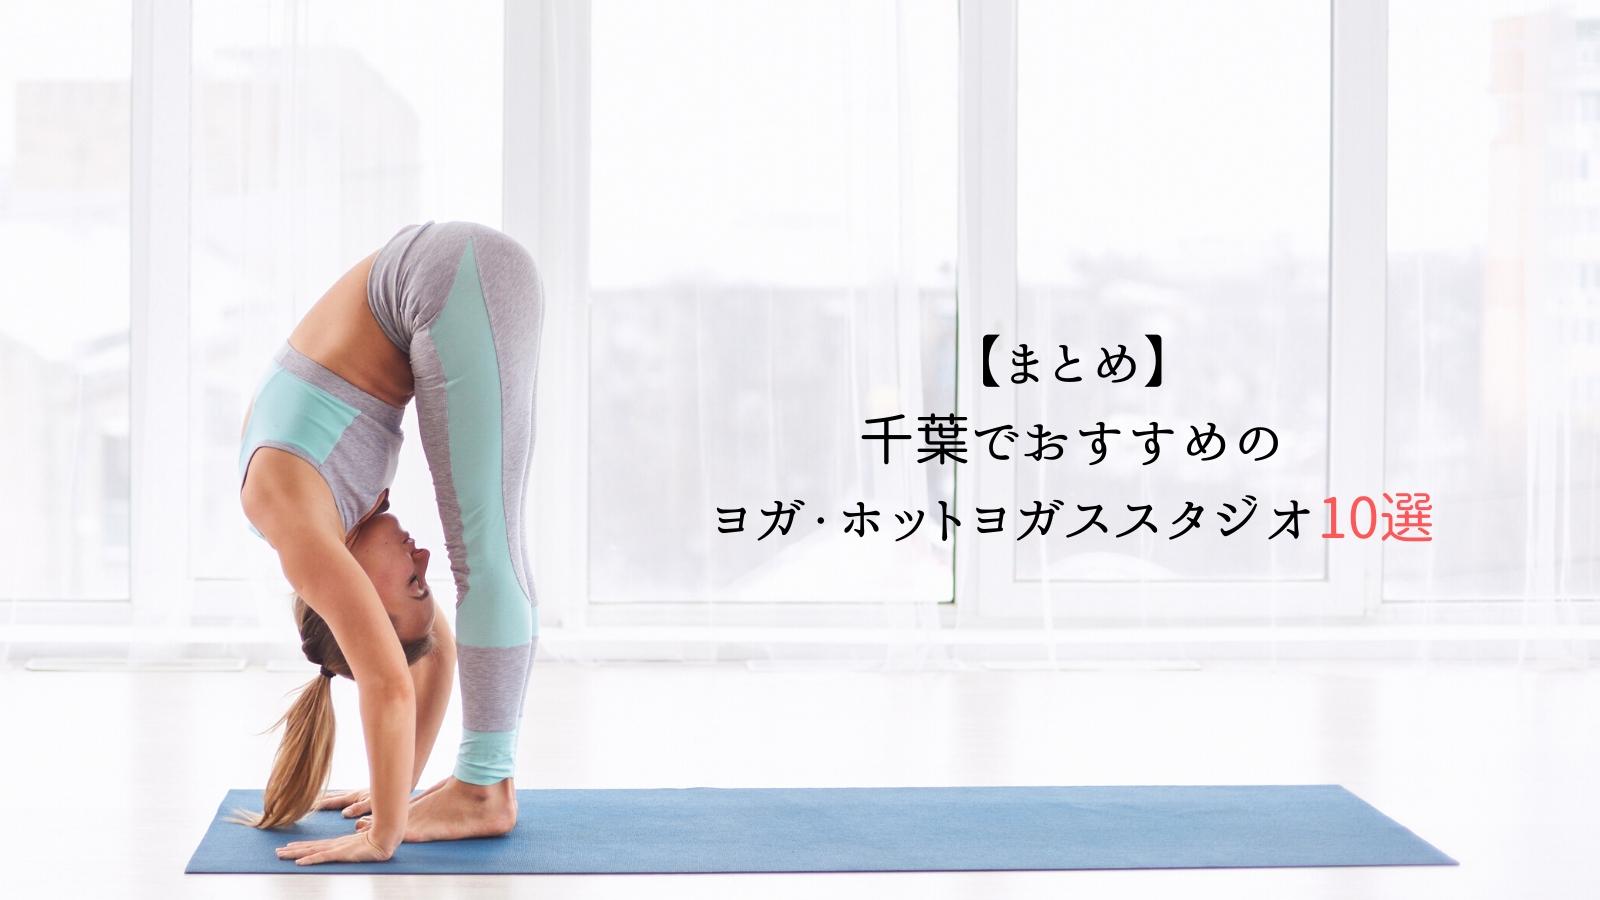 【まとめ】千葉でおすすめのヨガ・ホットヨガスタジオ10選